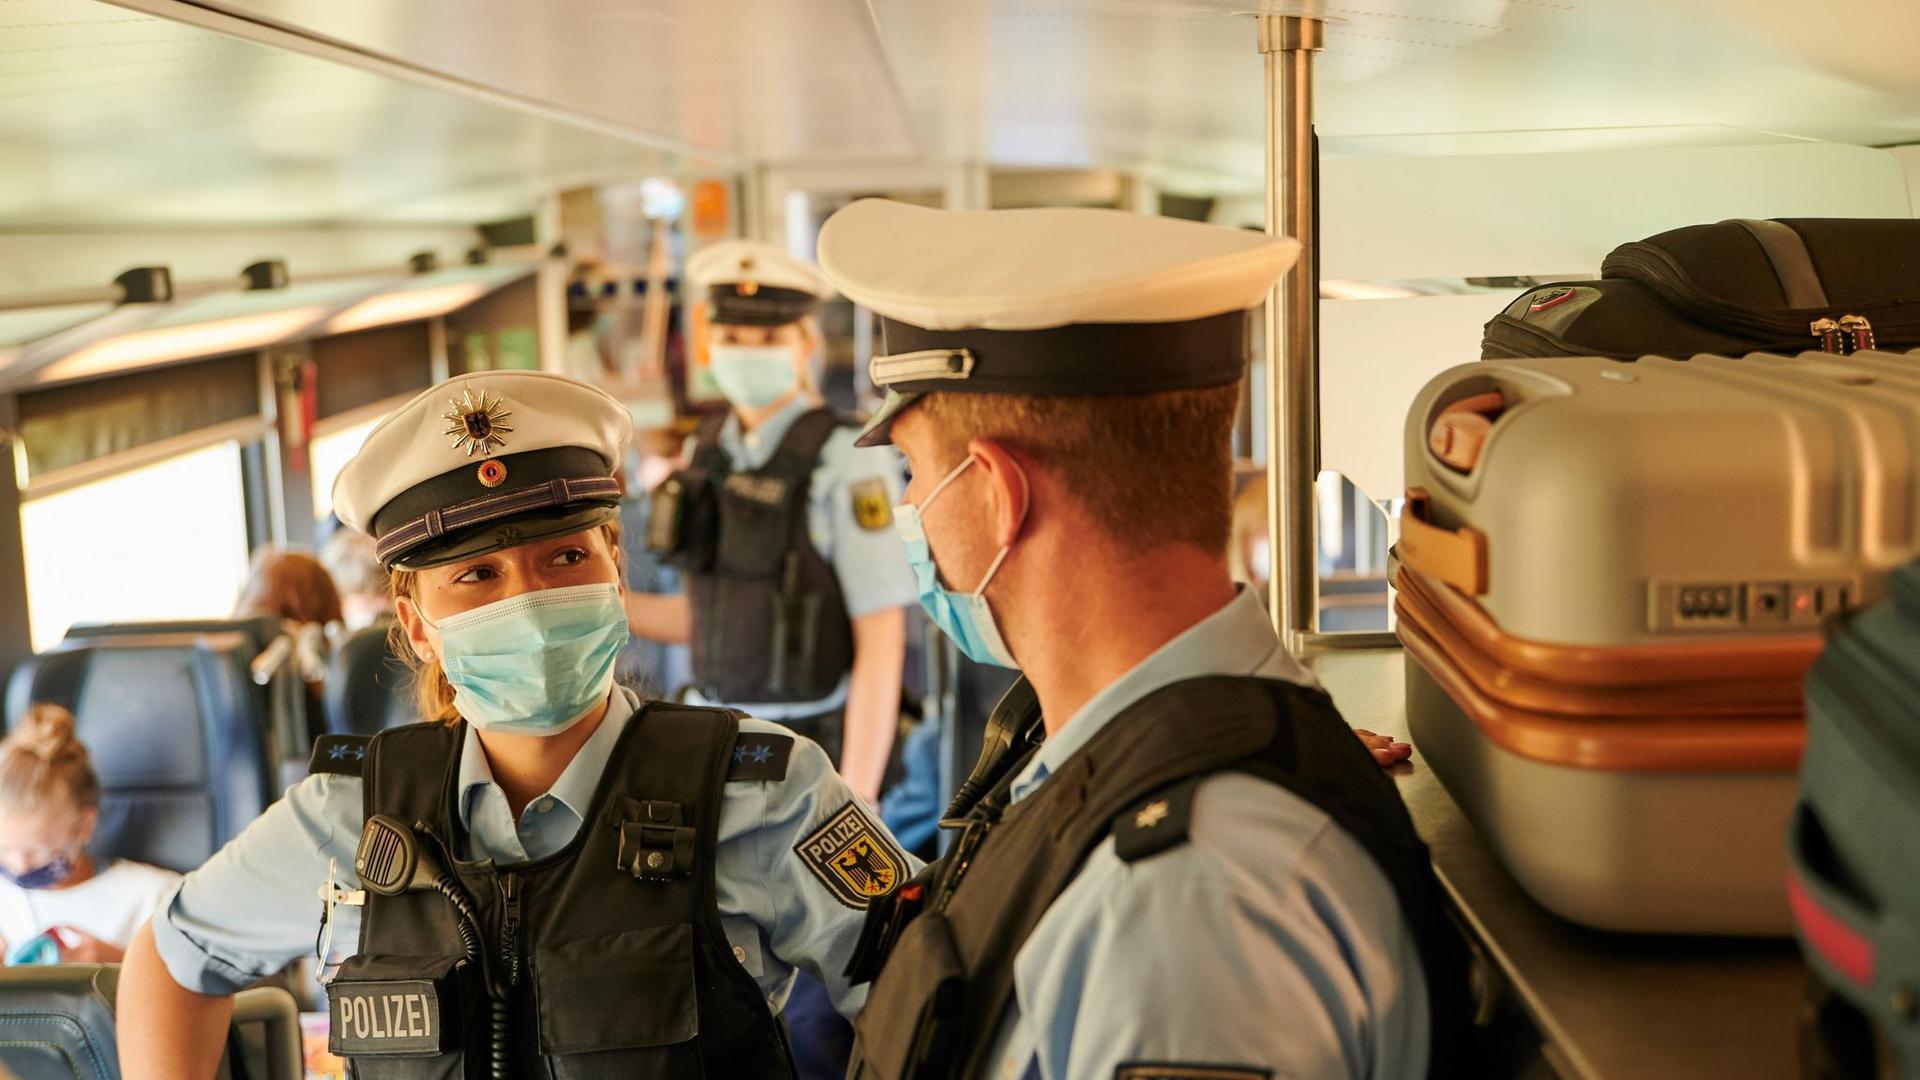 Beamte der Bundespolizei und Mitarbeiter der DB Sicherheit kontrollieren in einem ICb die coronabedingte Maskenpflicht.